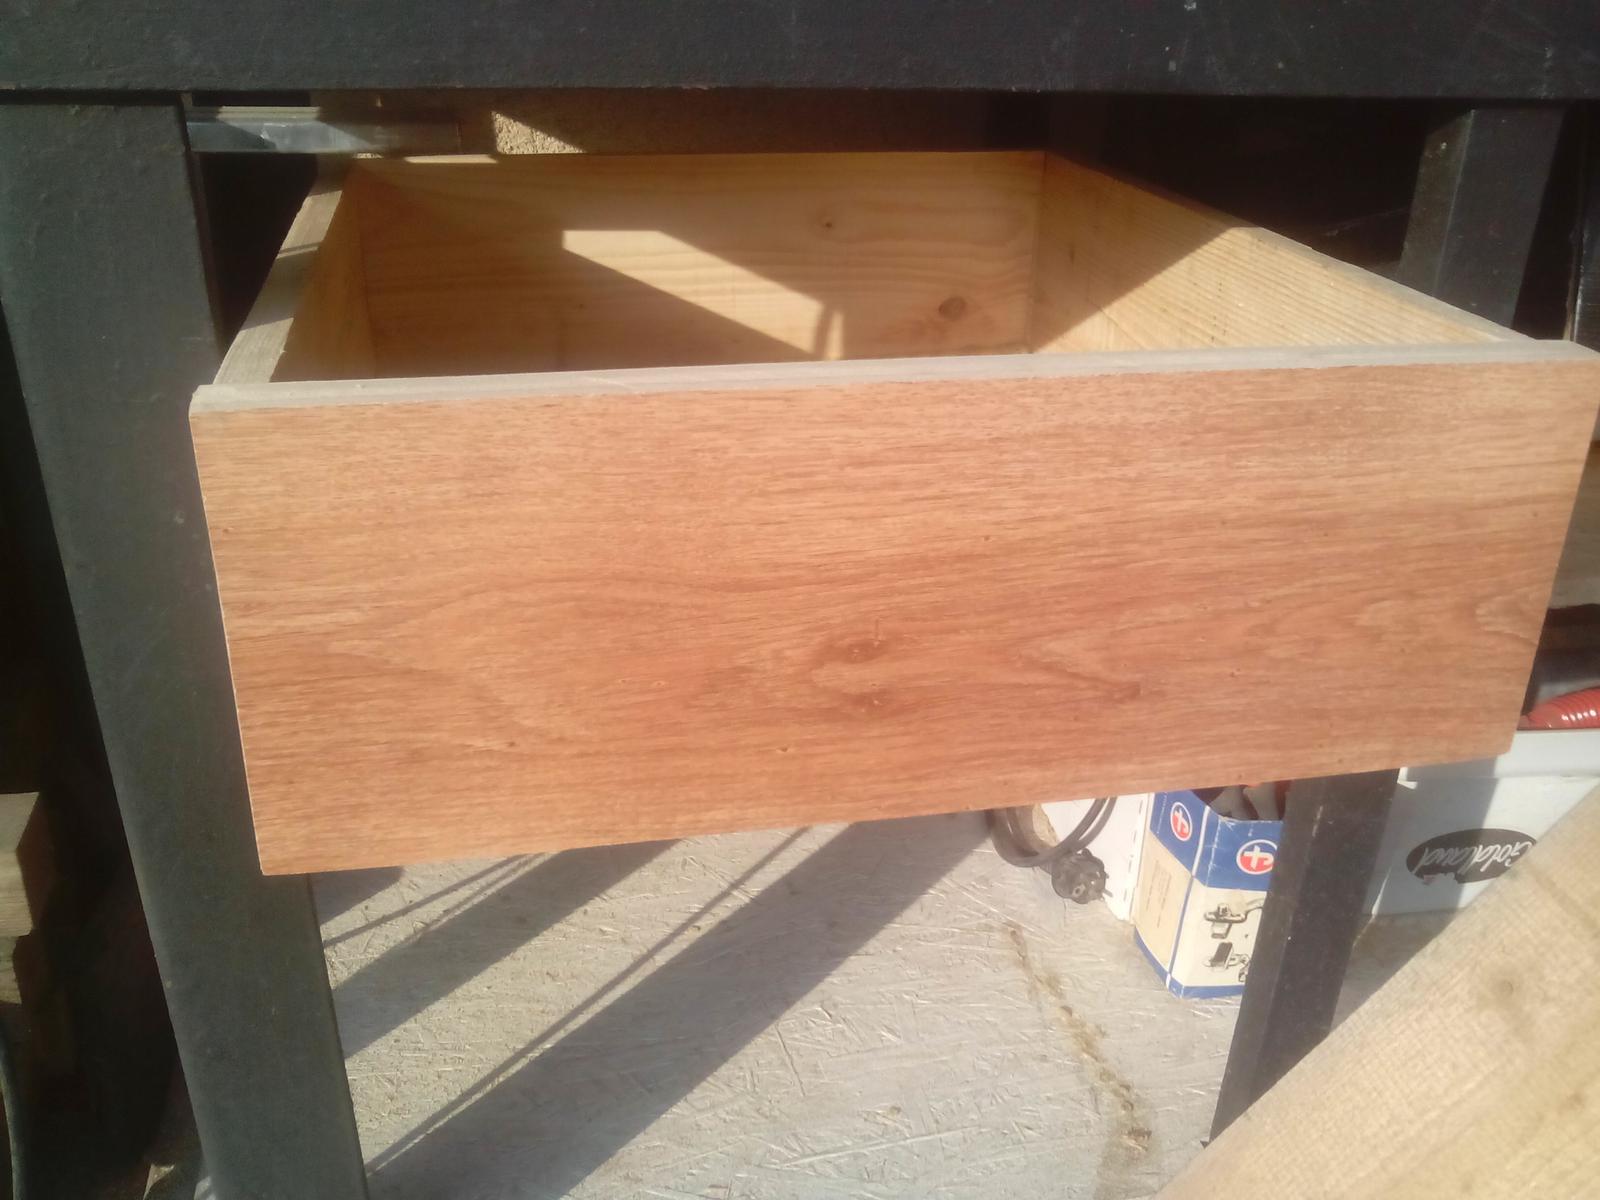 Pracovný stôl - ponk - Druhá zásuvka, ale zatiaľ ešte všetky bez koľajničiek. Ale časom budú...